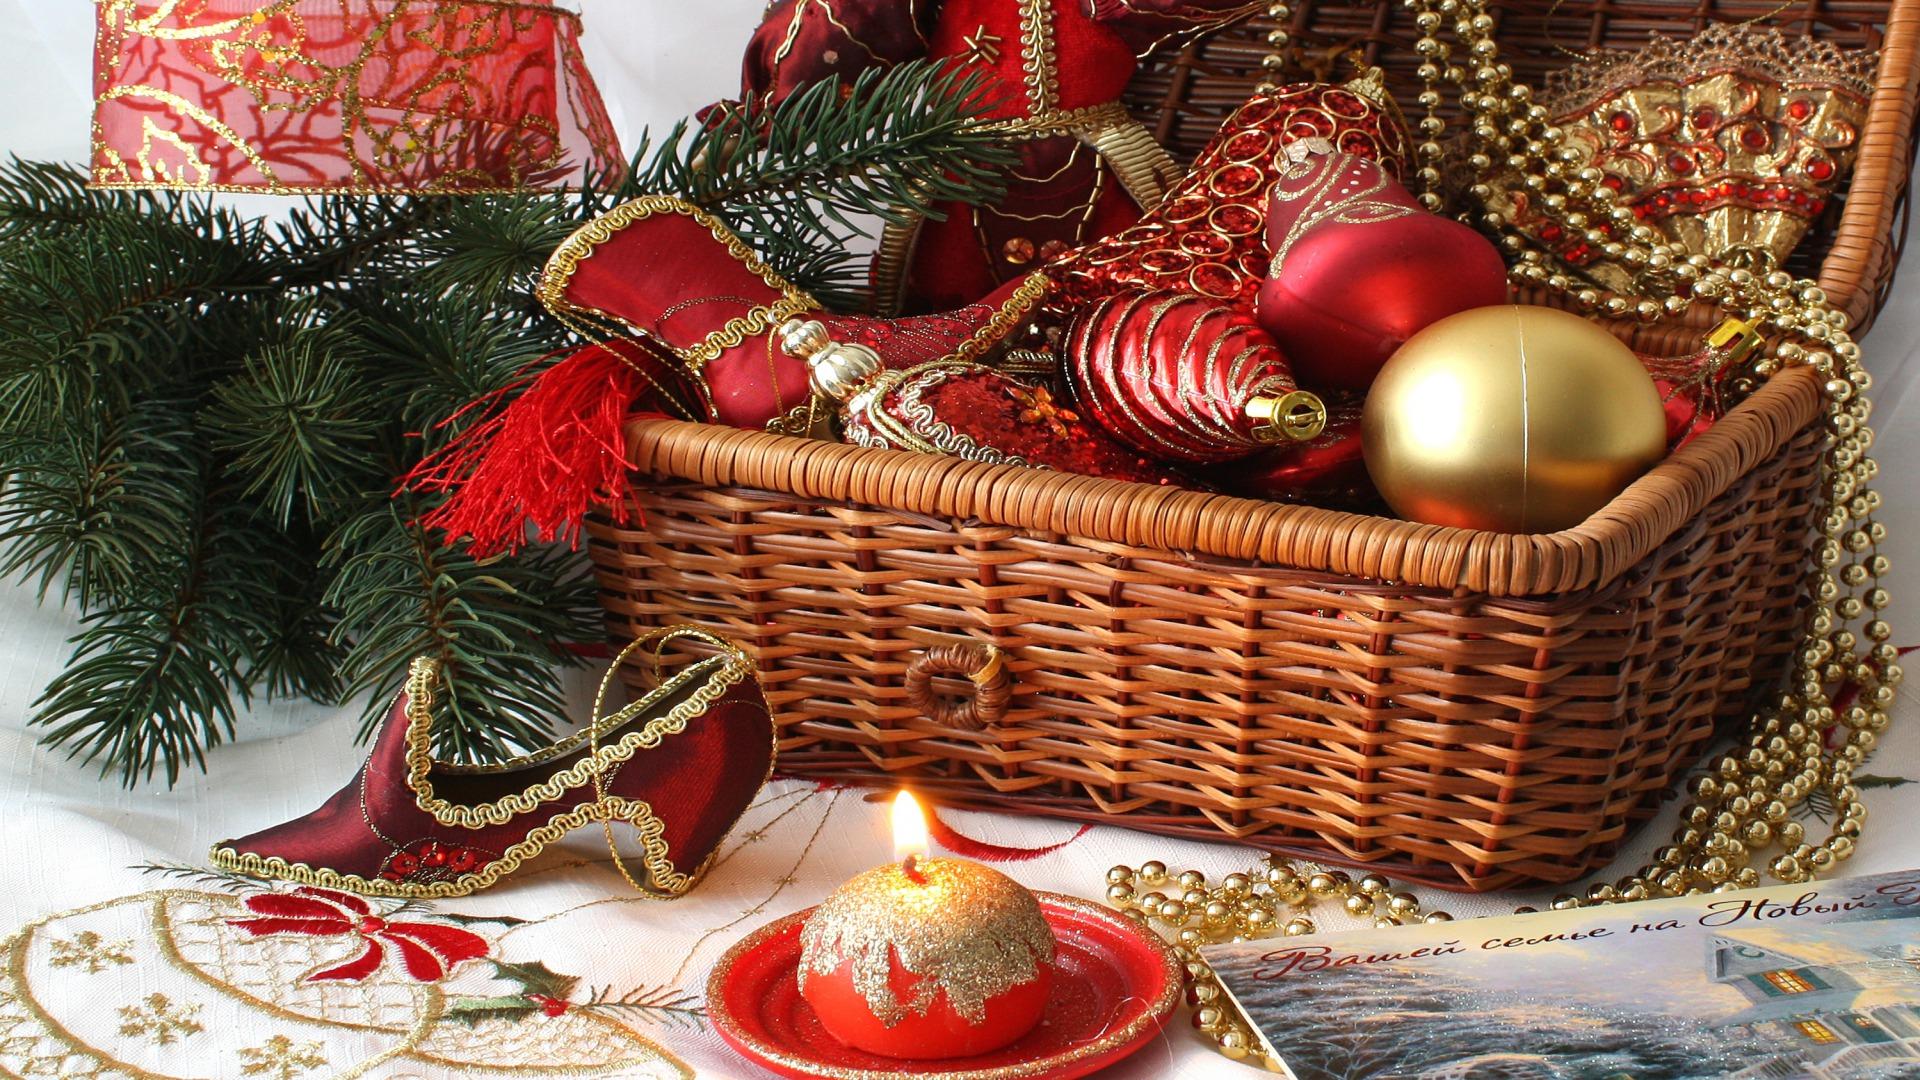 Bộ Sưu Tập Ảnh Giáng Sinh - Page 3 Christmasballs170